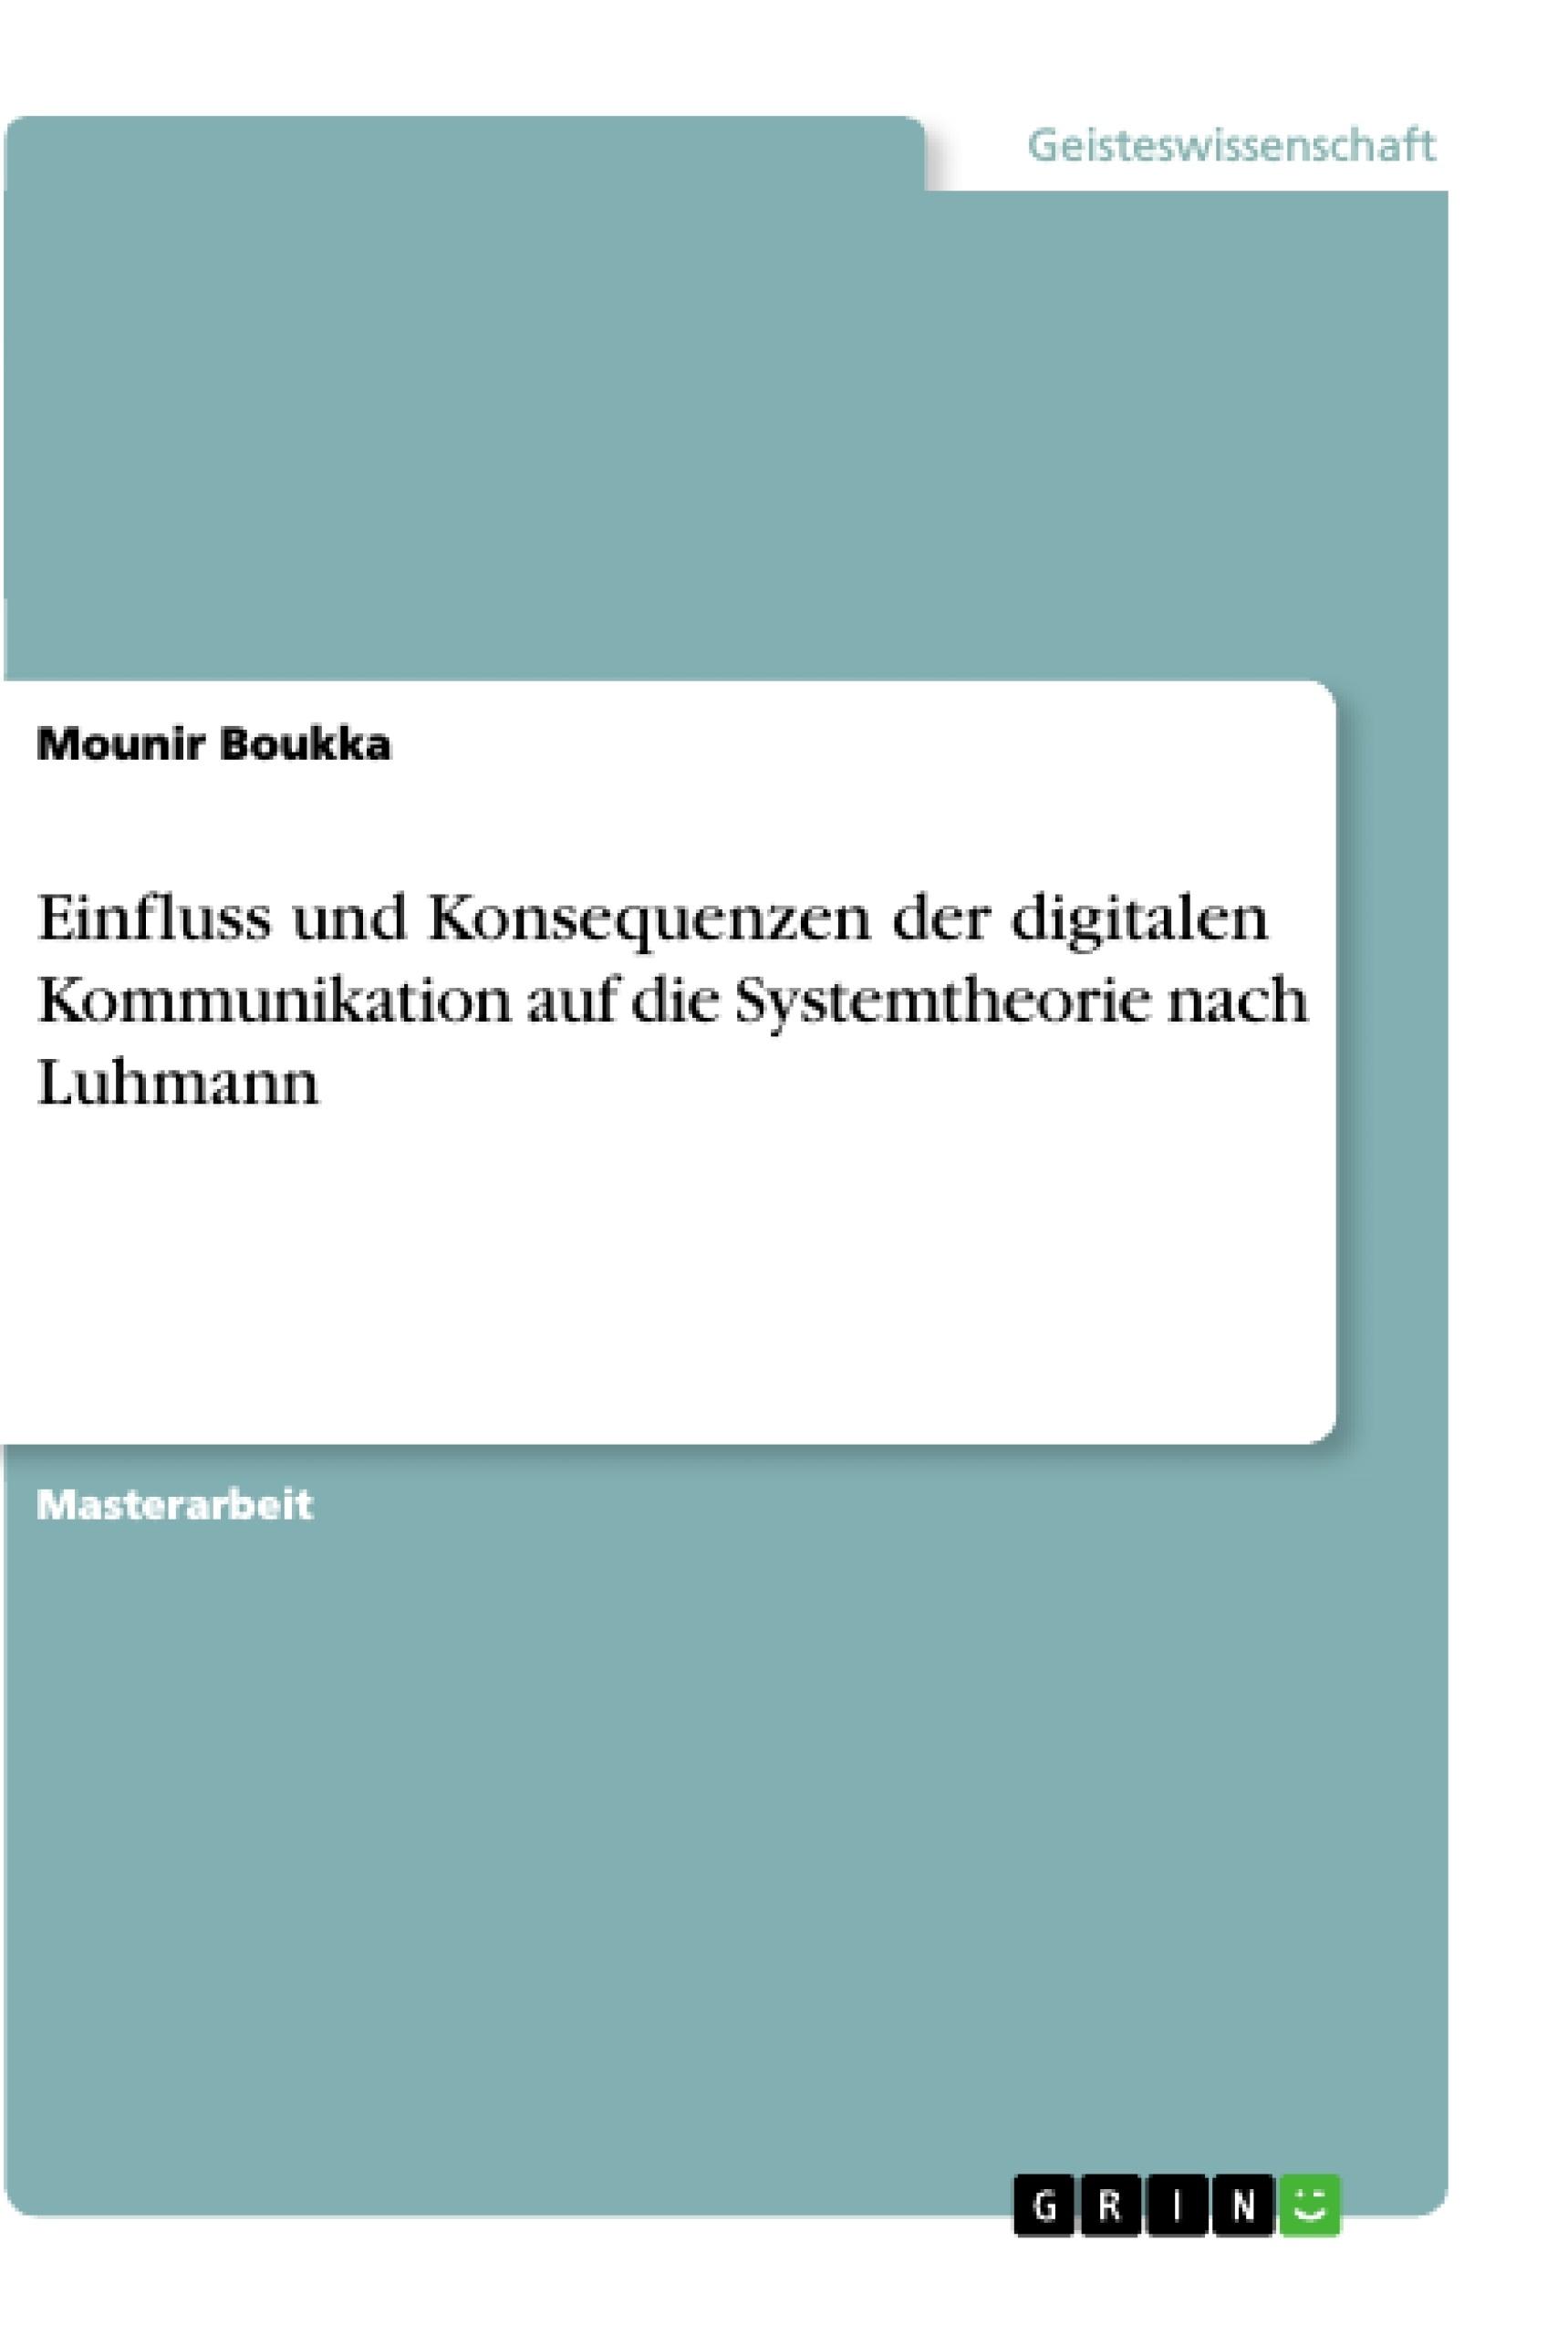 Titel: Einfluss und Konsequenzen der digitalen Kommunikation auf die Systemtheorie nach Luhmann